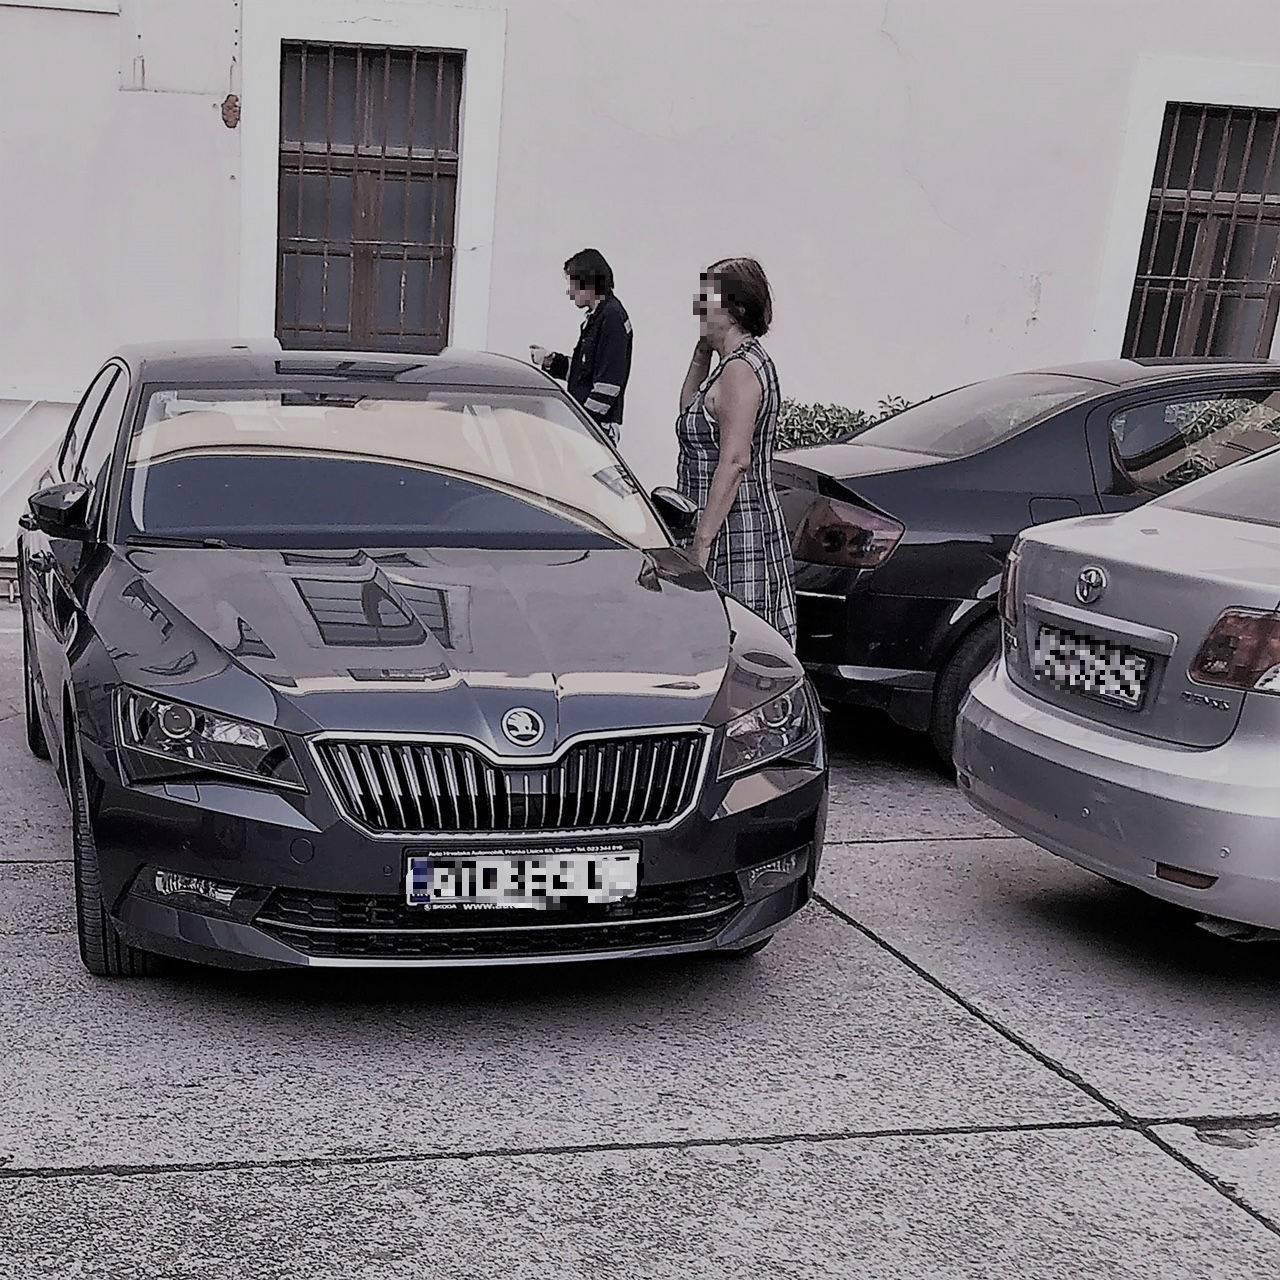 Direktor Vodovoda naručio je novi auto za 300 tisuća kuna